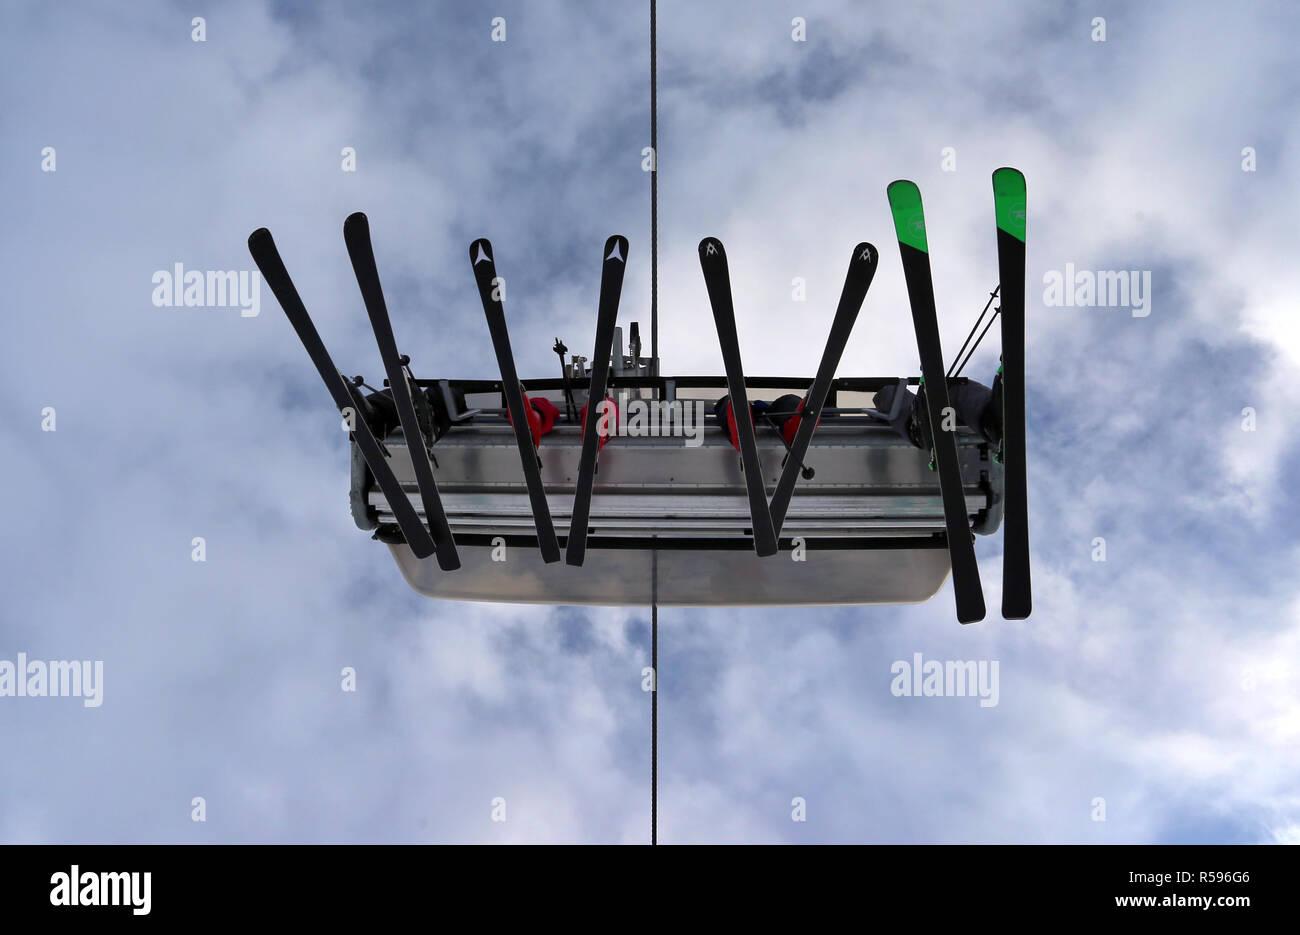 Grainau, Alemania. 30 Nov, 2018. Los esquiadores sentarse en el monte Zugspitze en un telesilla. La temporada de invierno 2018/2019 en la montaña más alta de Alemania comenzó con la apertura de un telesilla y tres bajadas. Crédito: Karl-Josef Hildenbrand/dpa/Alamy Live News Imagen De Stock